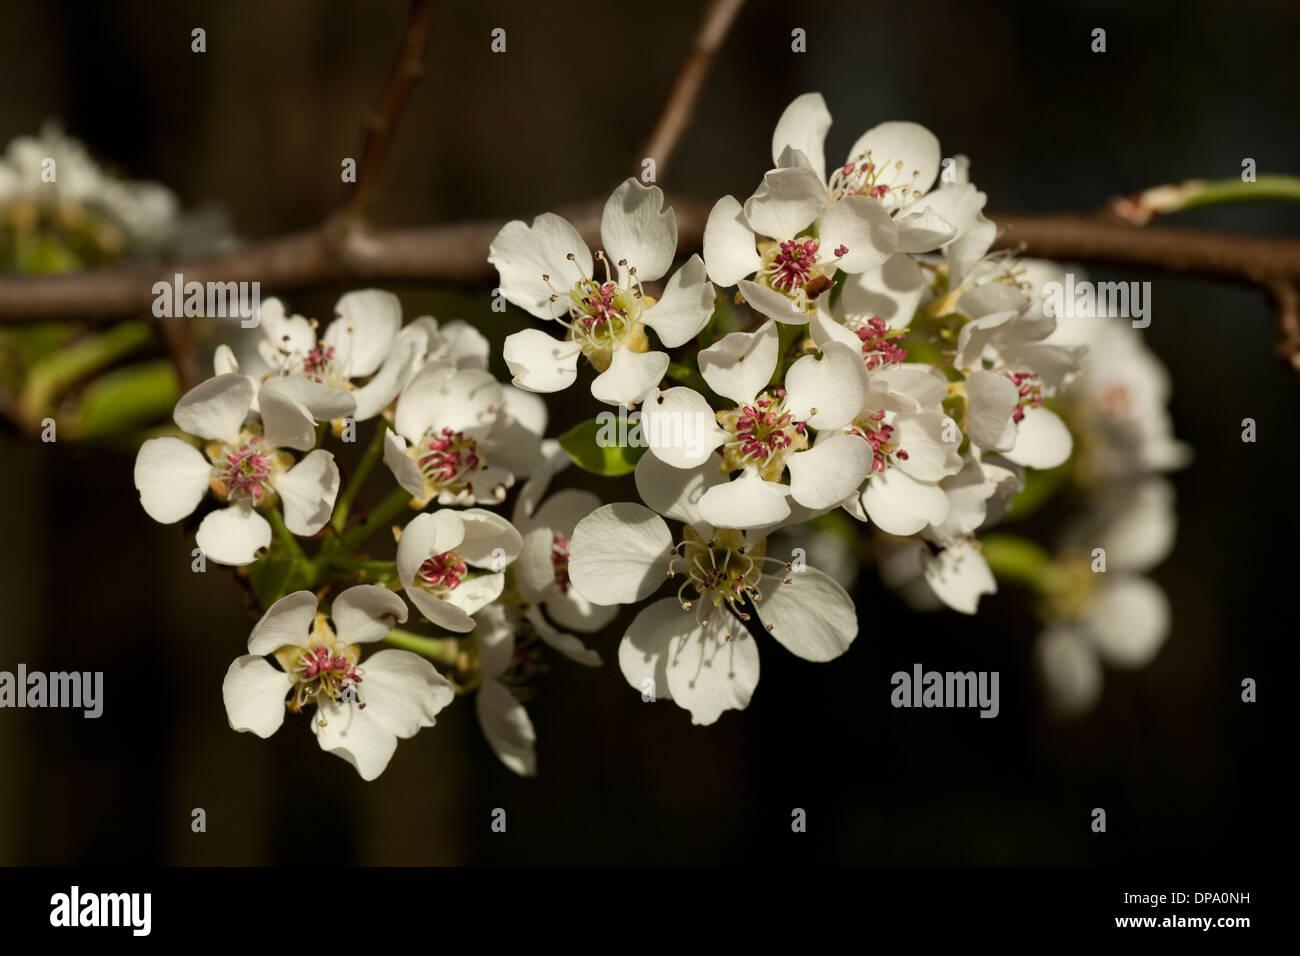 Blume Birne auf Ast im Garten Stockbild